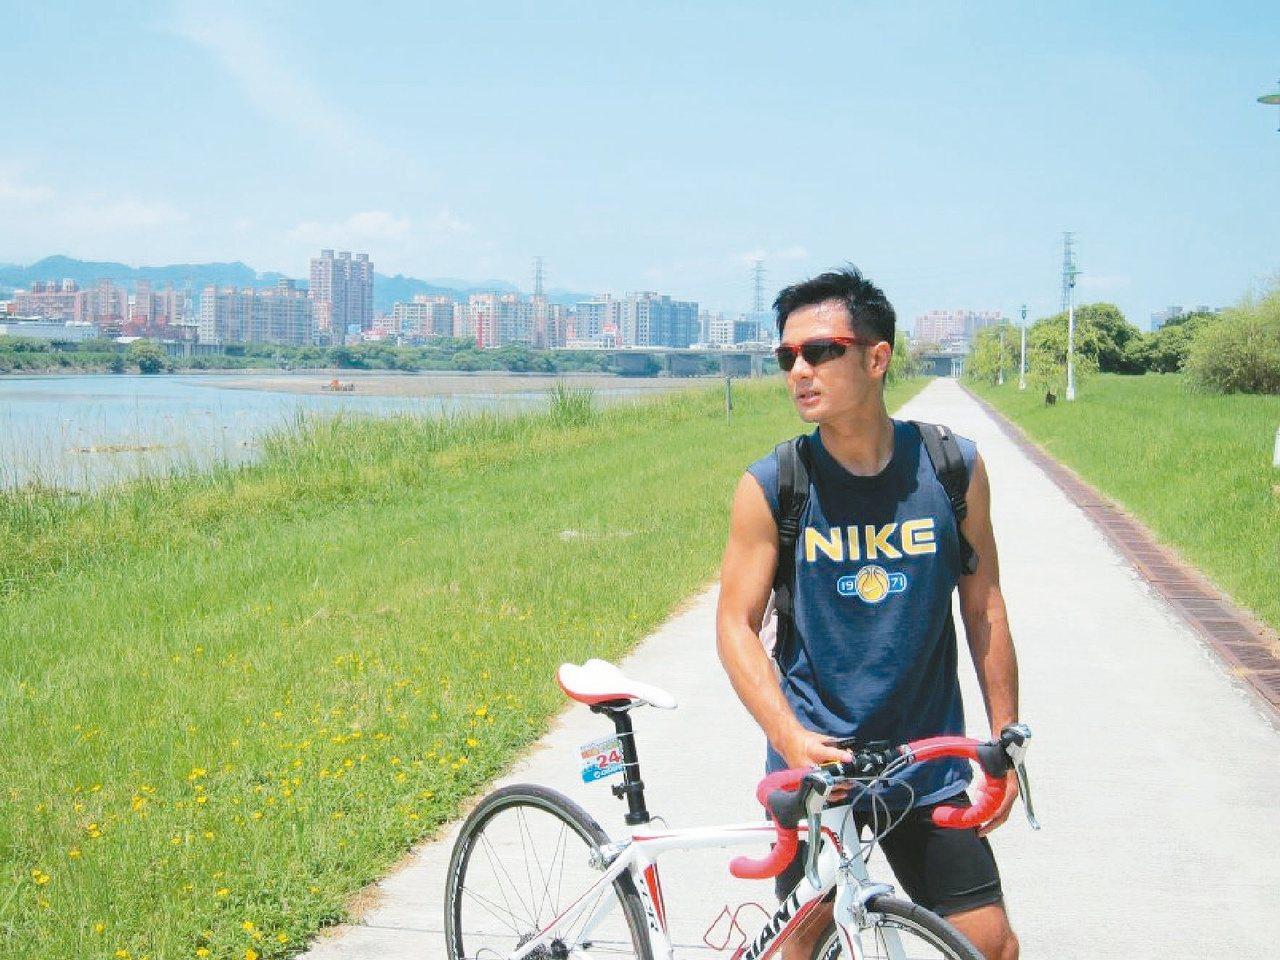 熱愛「三鐵」的王俊傑說,運動強化他的抗壓性。 圖/王俊傑提供